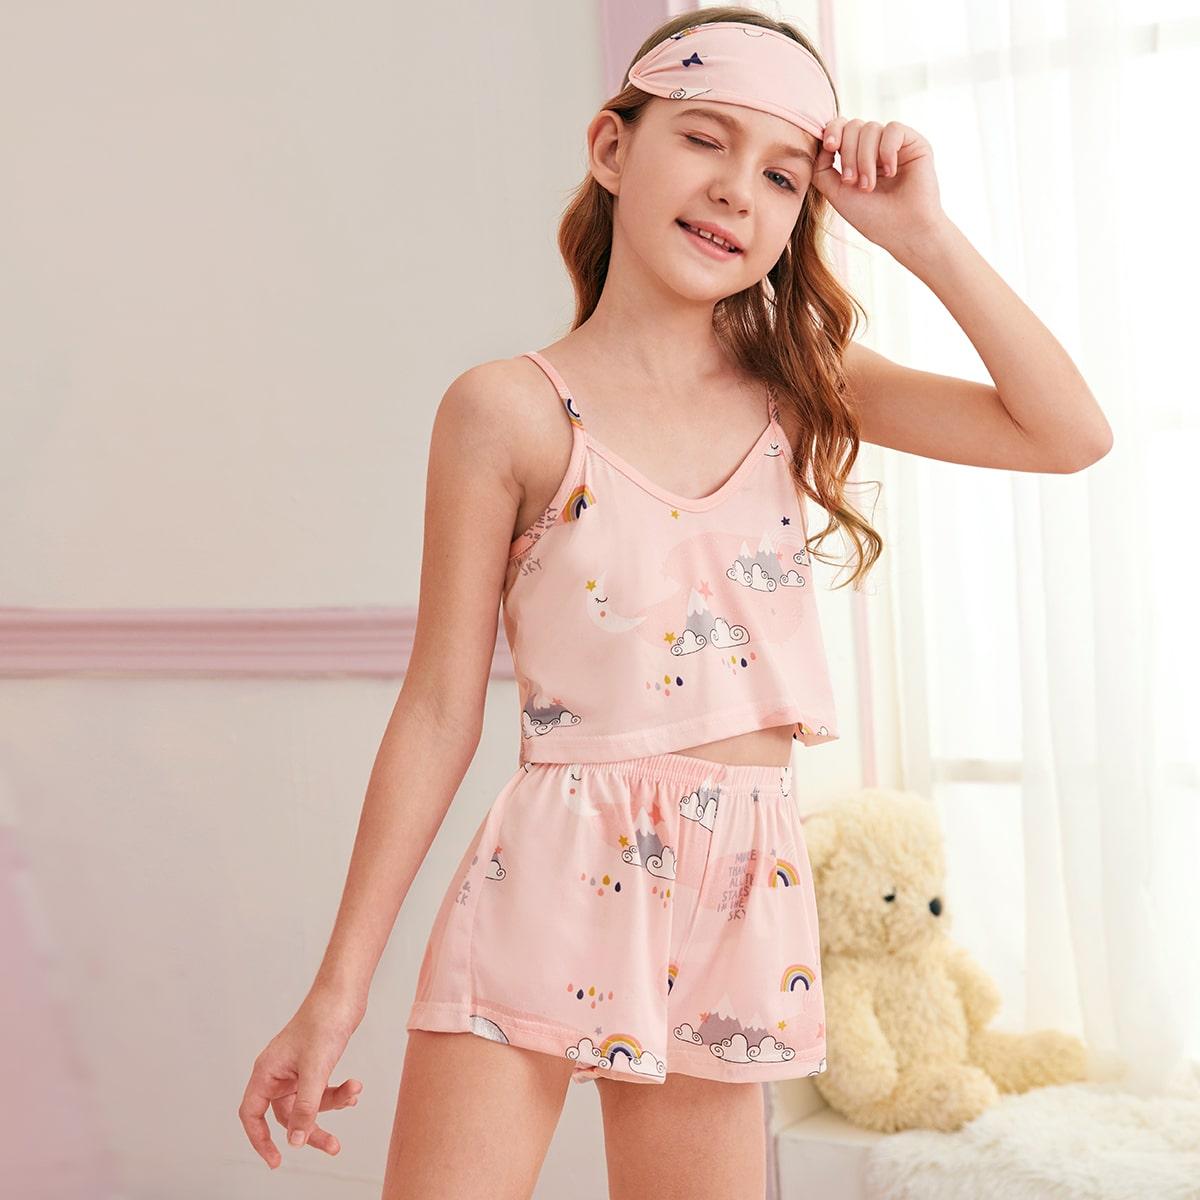 Маска для глаз и пижама на бретелях с мультяшным принтом для девочек